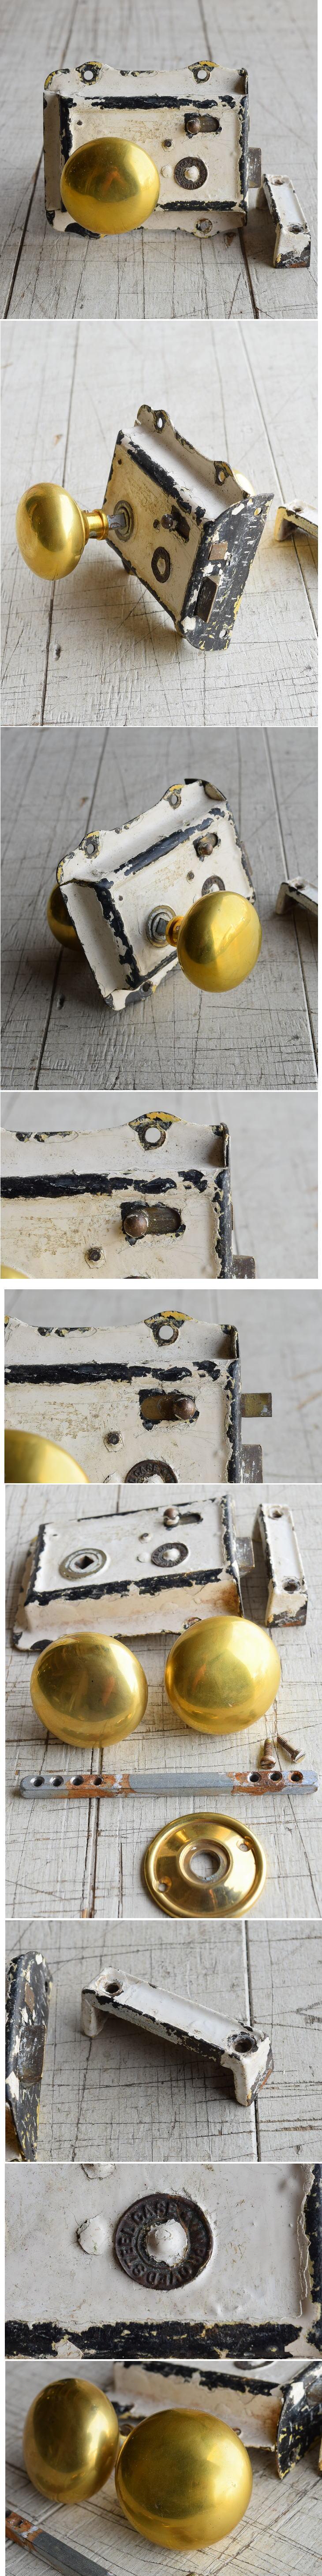 イギリス アンティーク ラッチ&ドアノブ 建具金物 7976